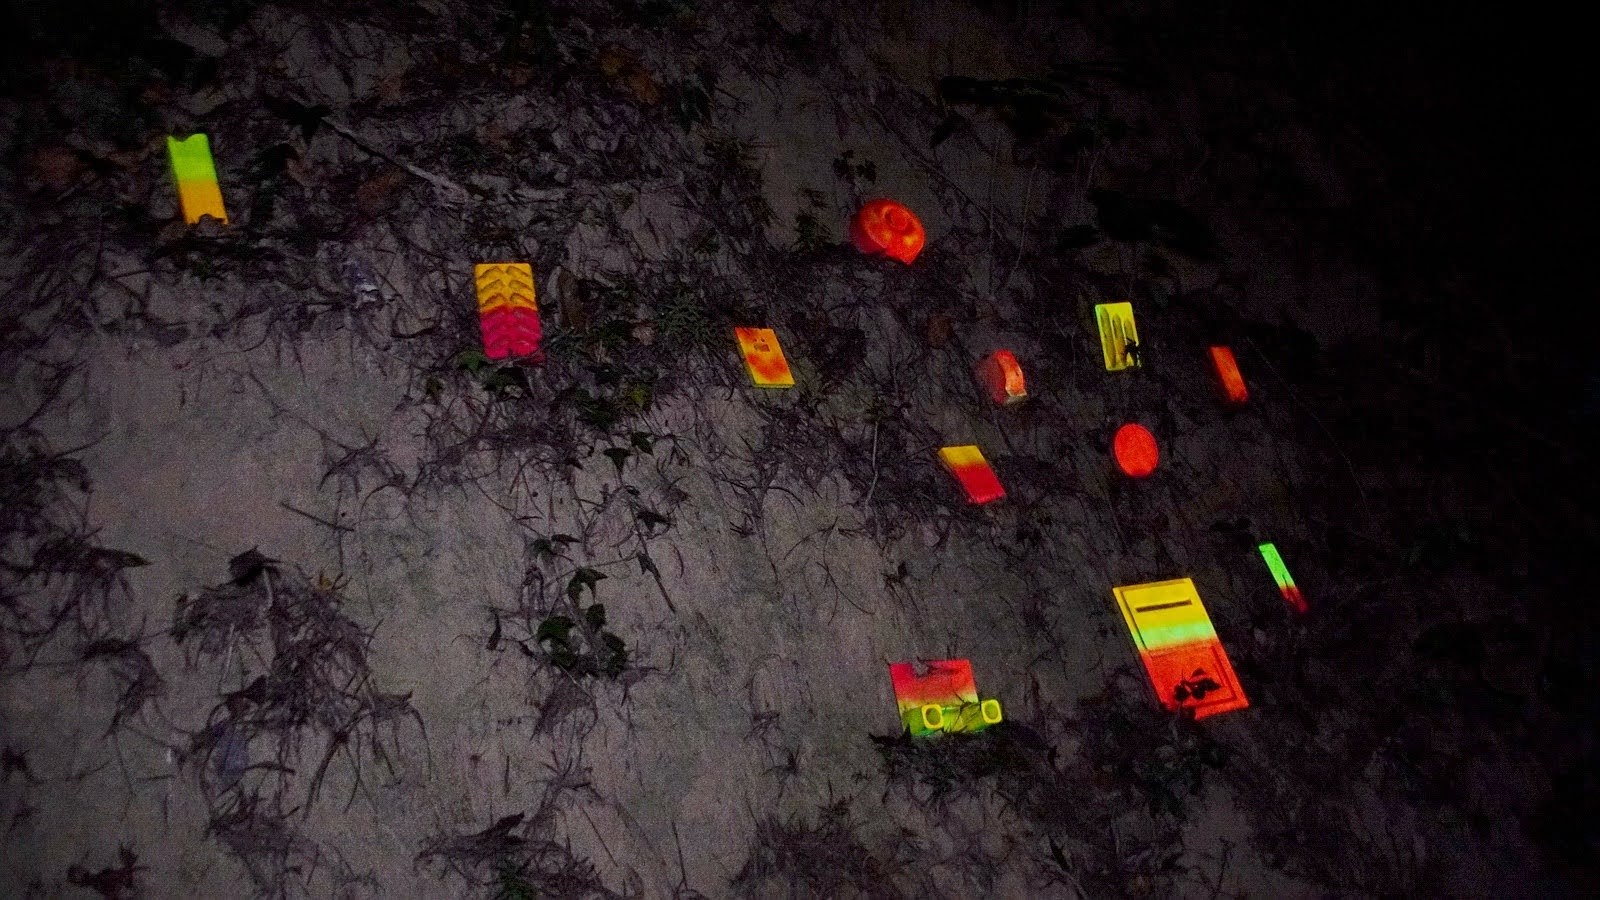 [台南][龍崎區] 2020🐉龍崎光節:空山祭⛰「大地迴生」|全攻略懶人包|遊記